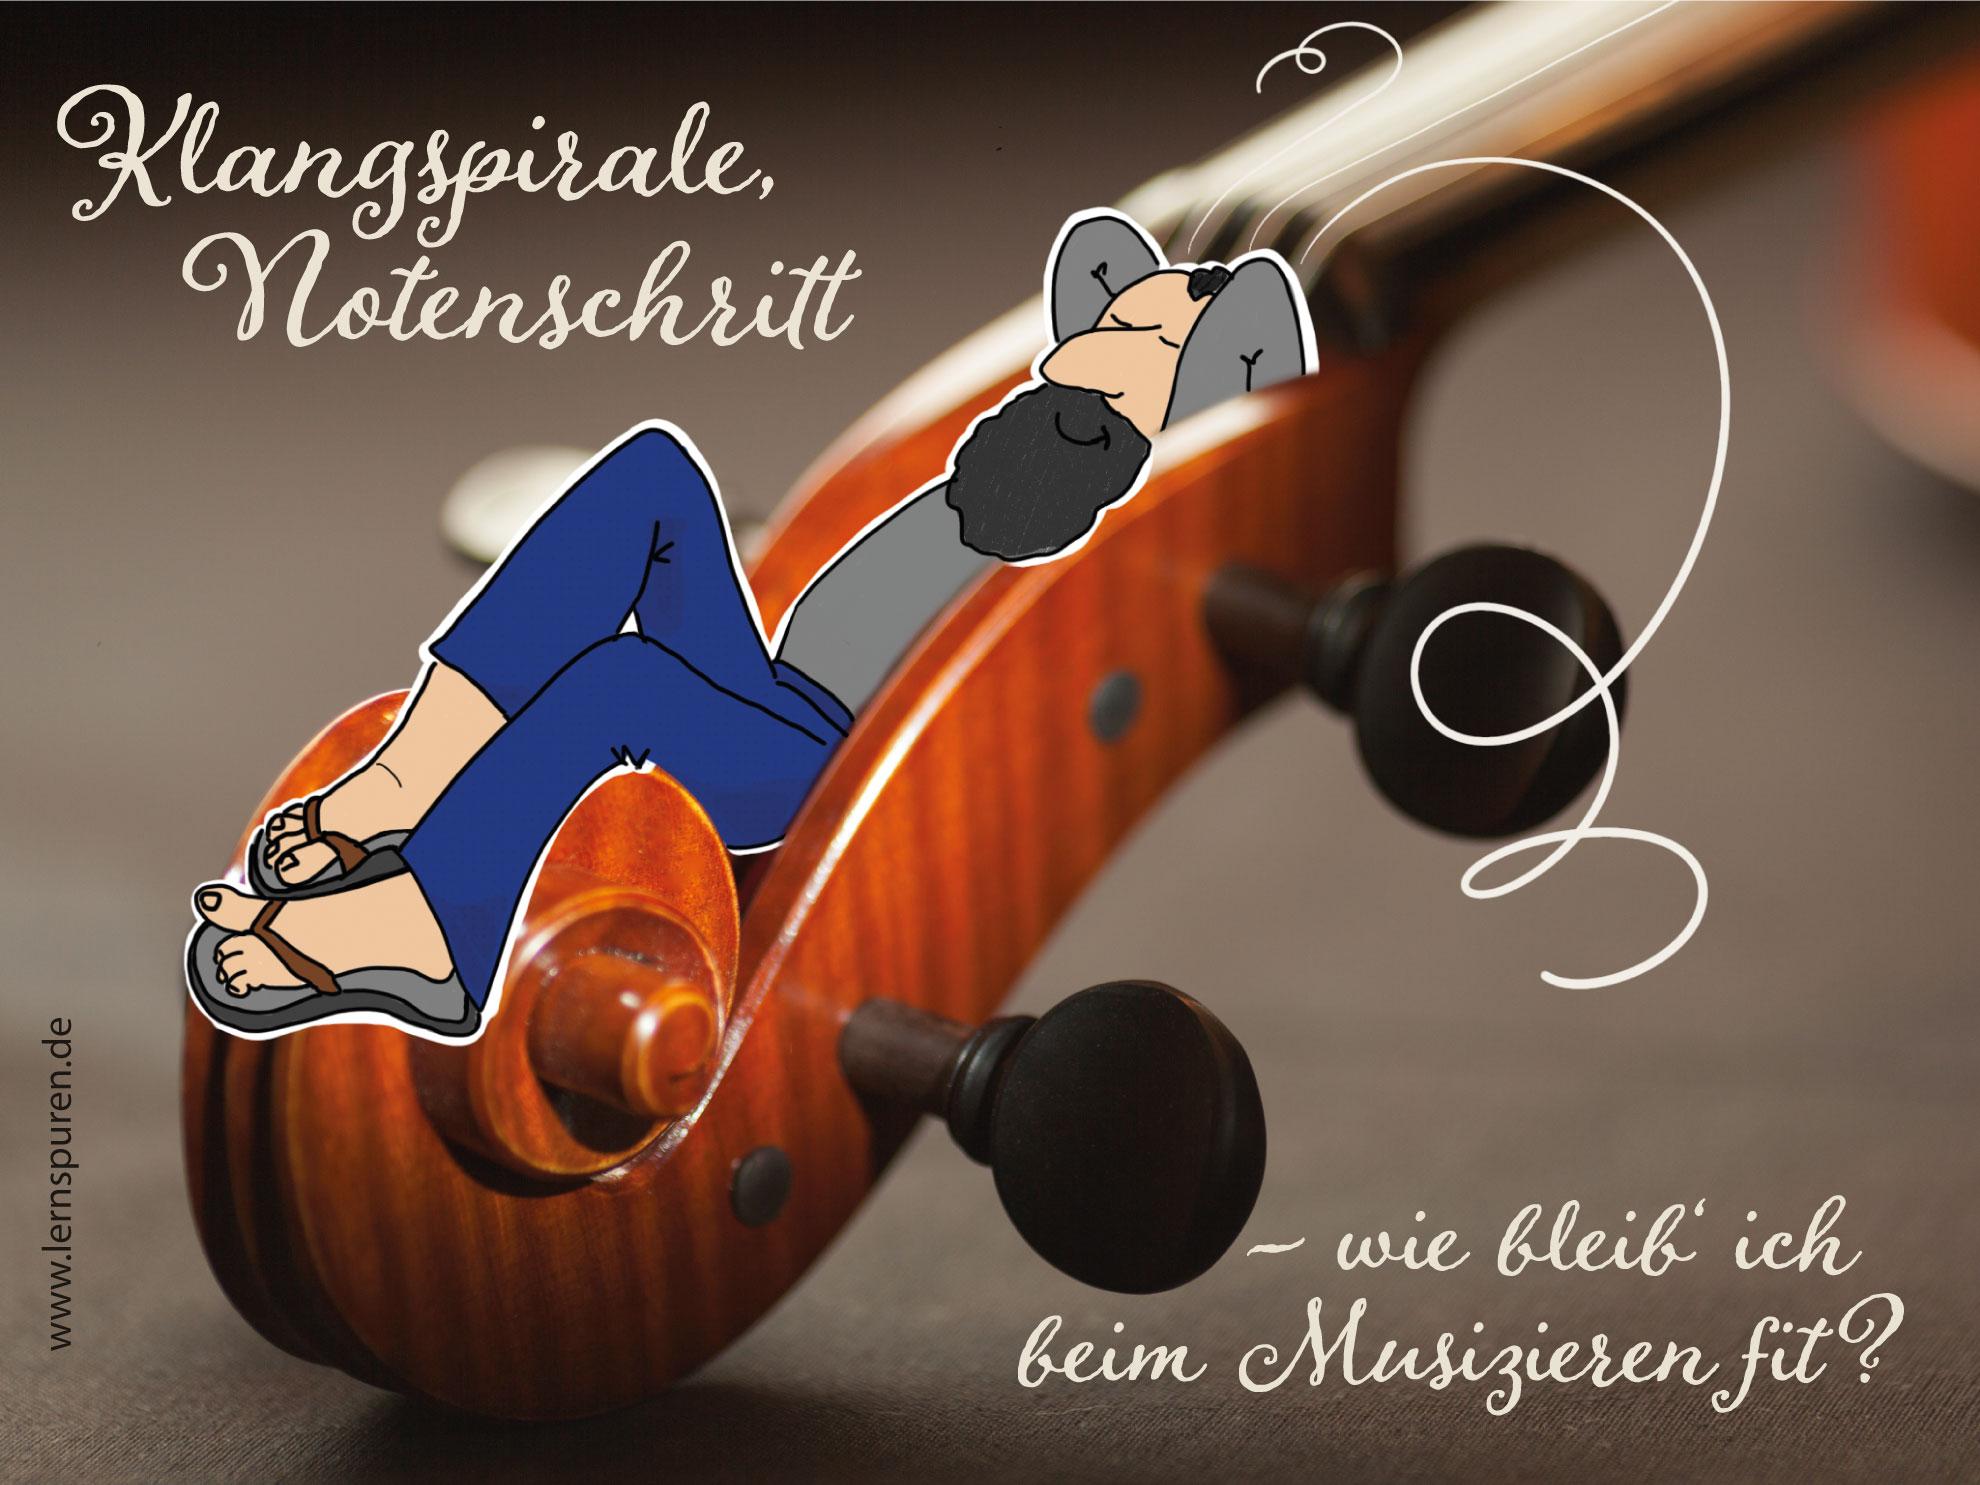 Musiker in Klangspirale - lernspuren